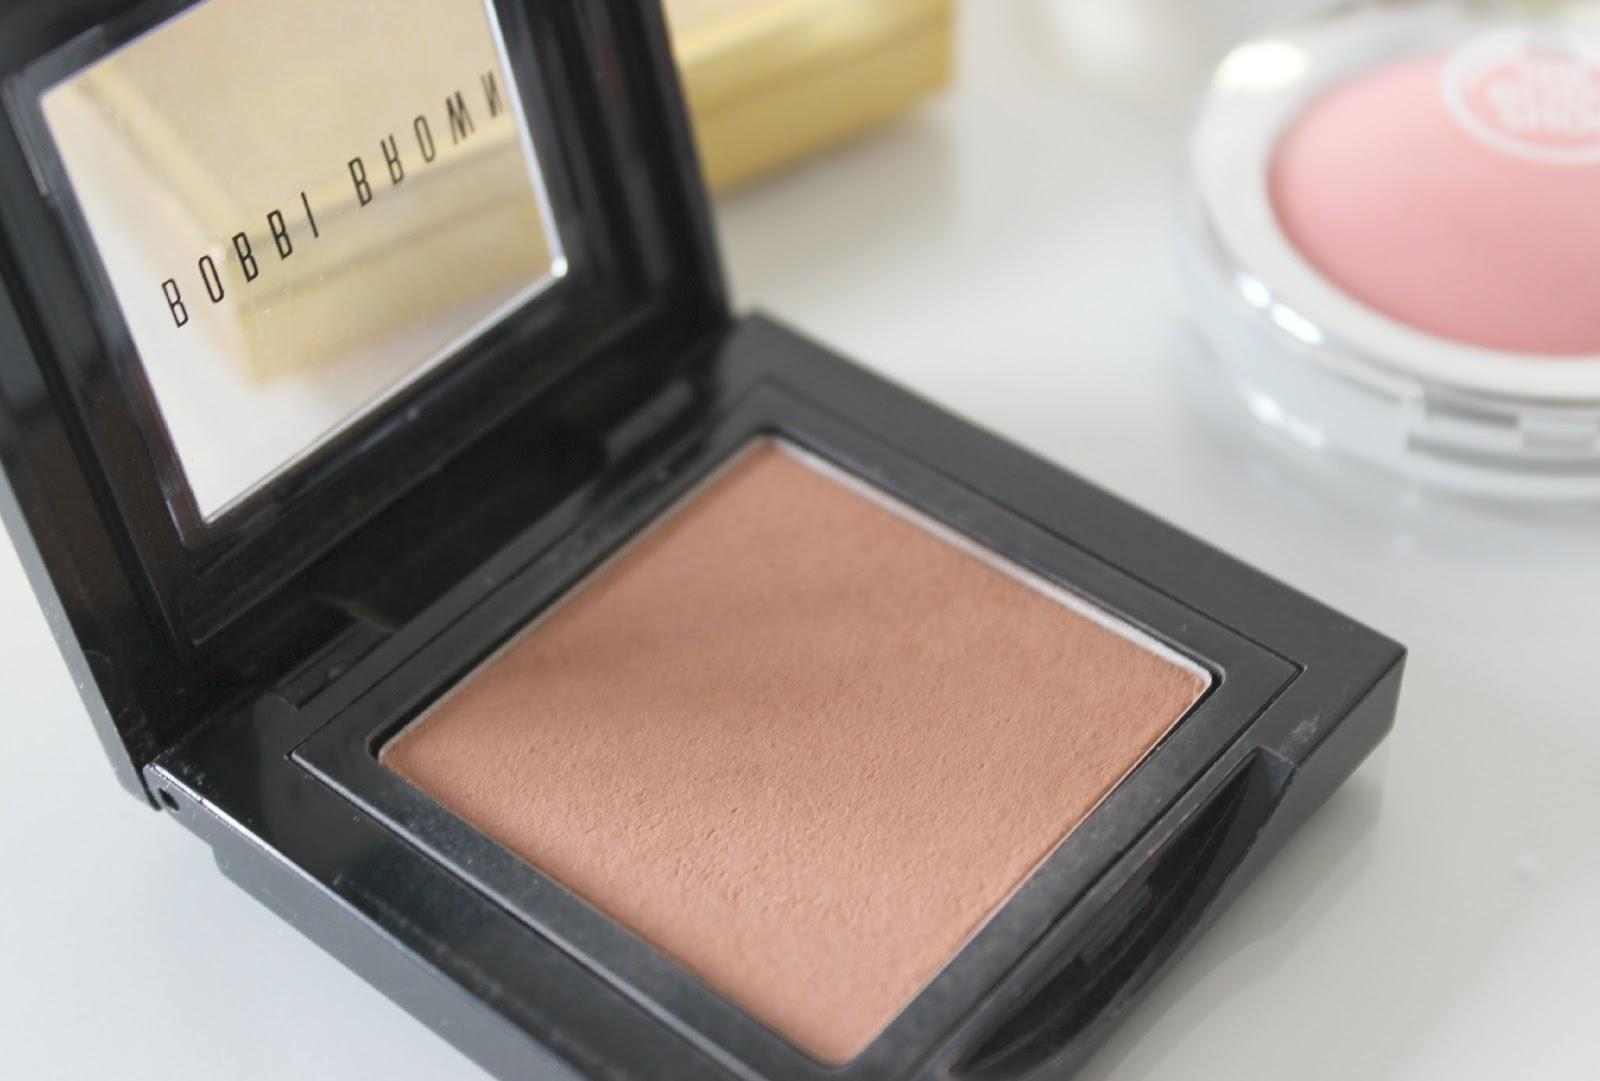 A picture of Bobbi Brown Almond Powder Blush